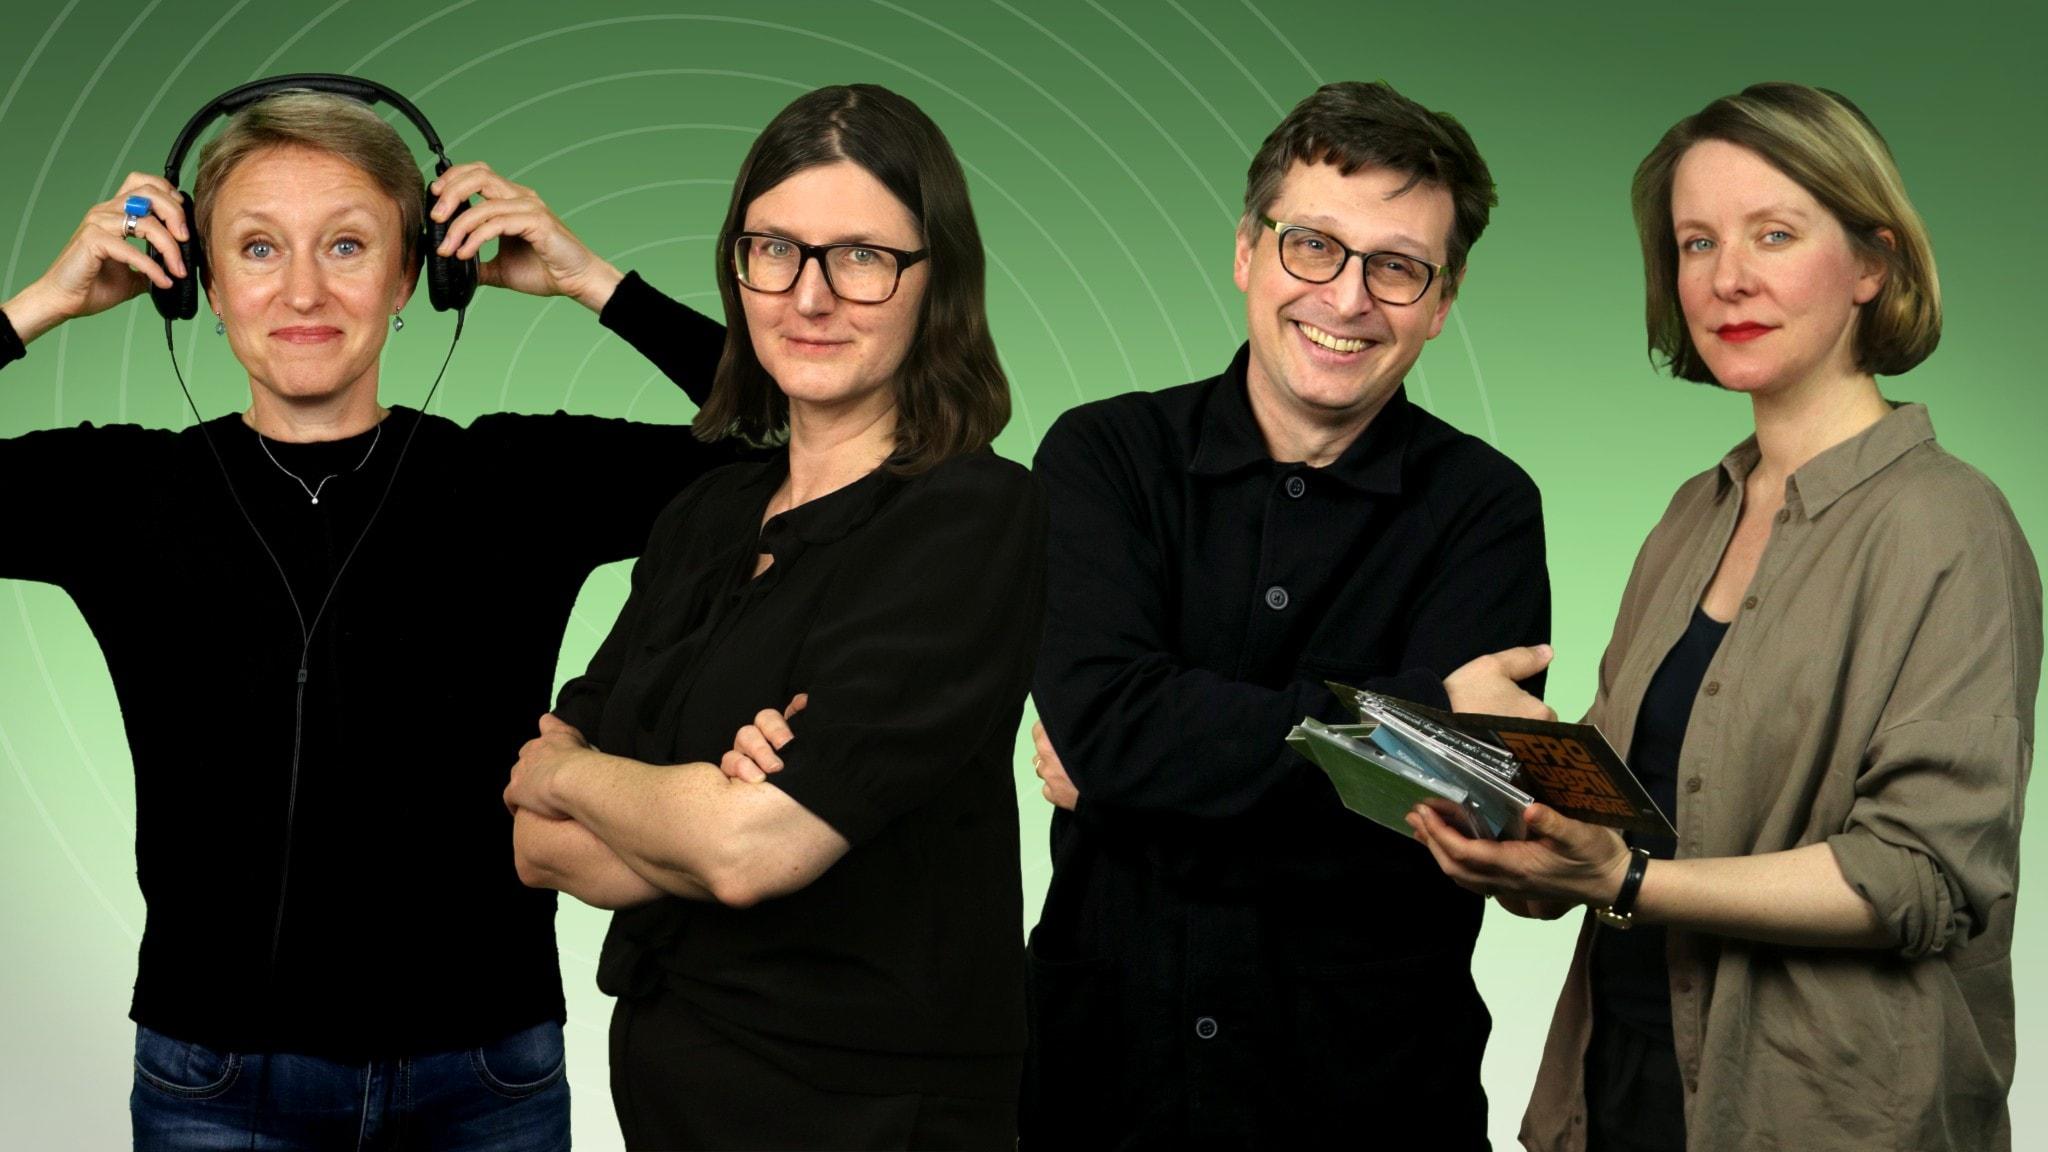 Fjäderlätt Mozartspel av pianisten Víkingur Ólafsson